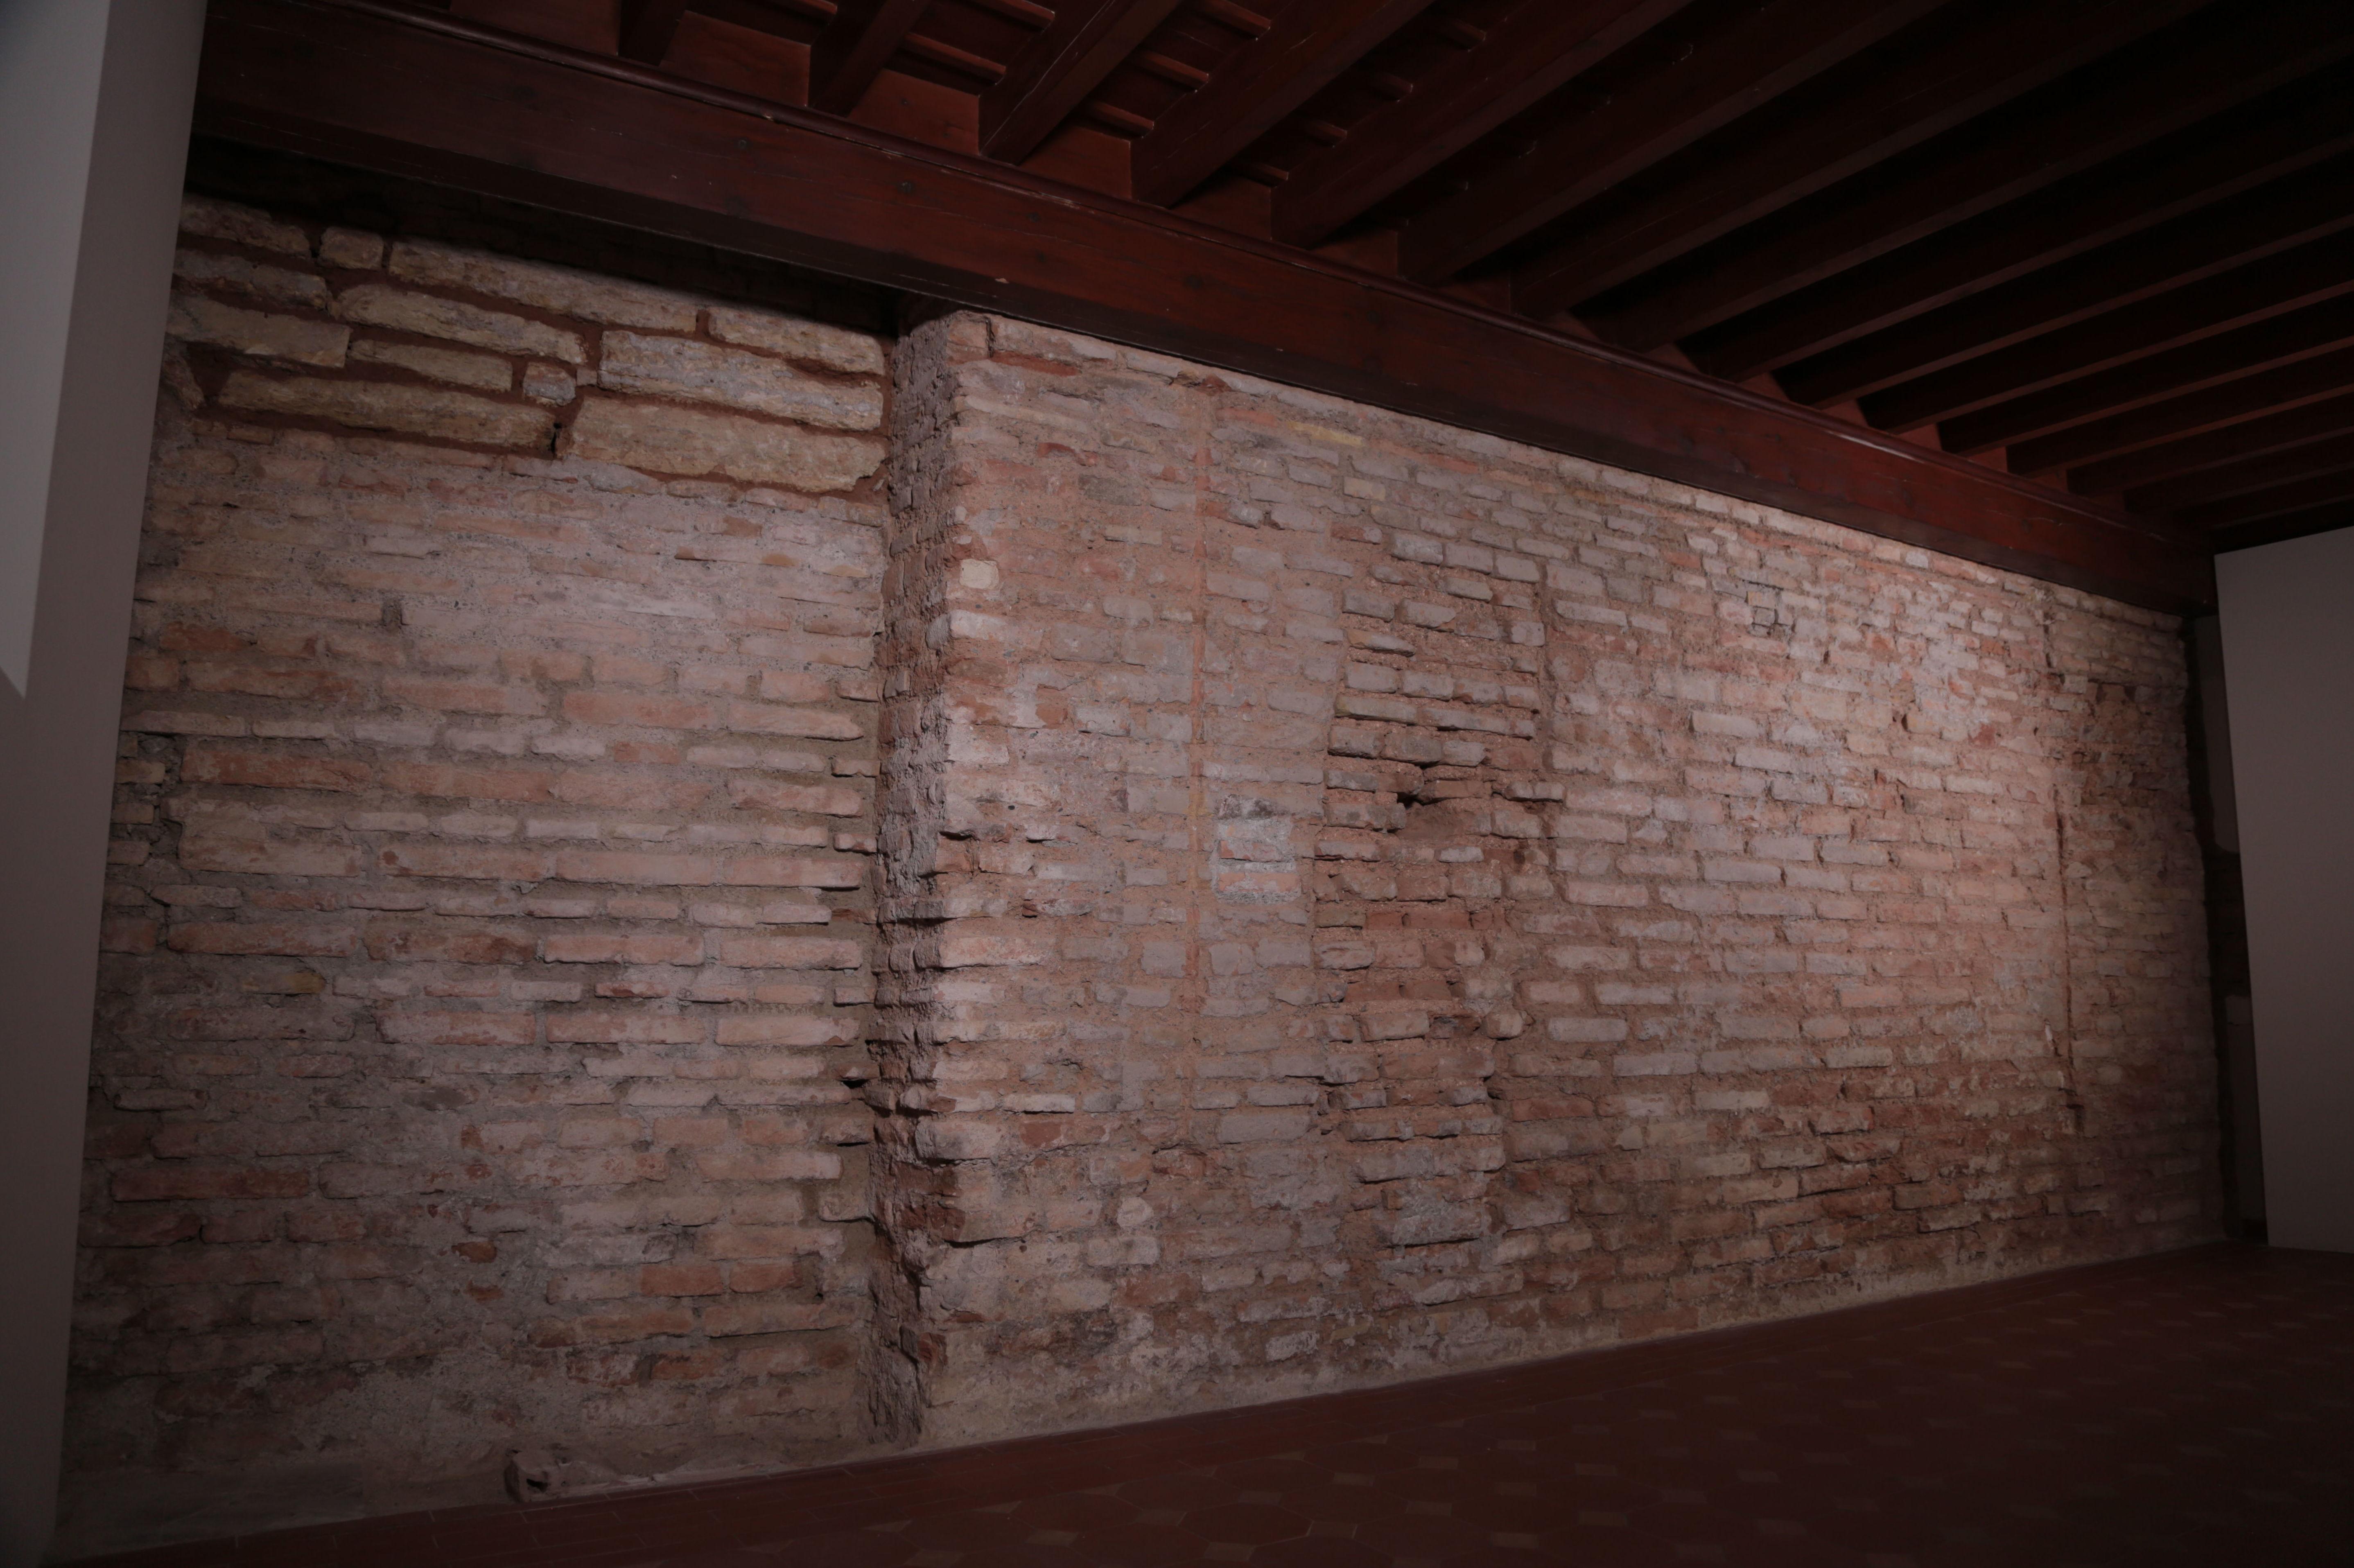 OBRA DE ADAPTACIÓN DEL EDIFICIO ANEXO A LOS BAÑOS DE LA MEZQUITA DE LA ALHAMBRA PARA ESPACIO EXPOSITIVO Y MUSEOGRAFÍA DEL LEGADO DE LA FAMILIA BARRIOS